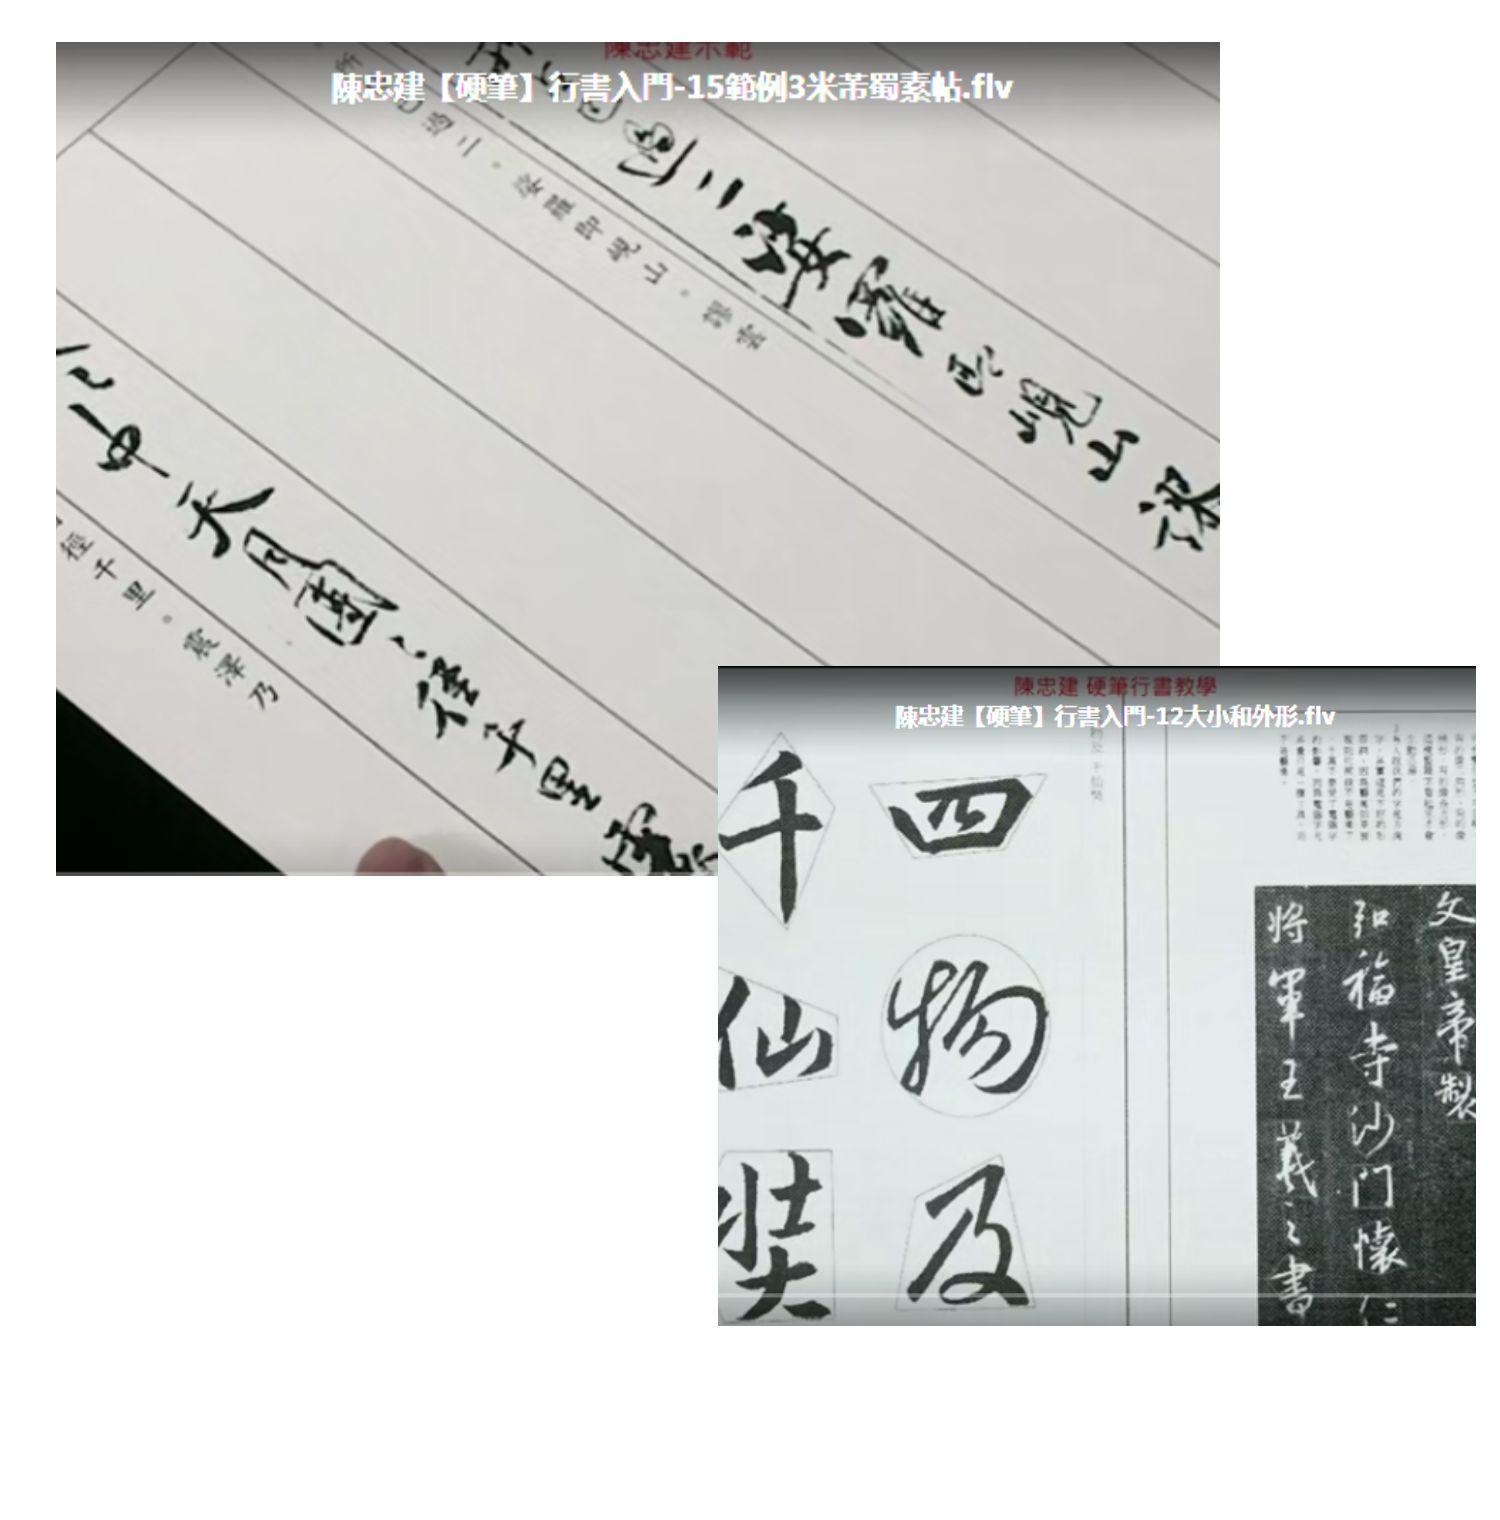 中国汉字硬笔书法视频教程集陈忠建行书入门技巧讲解示范自学教材